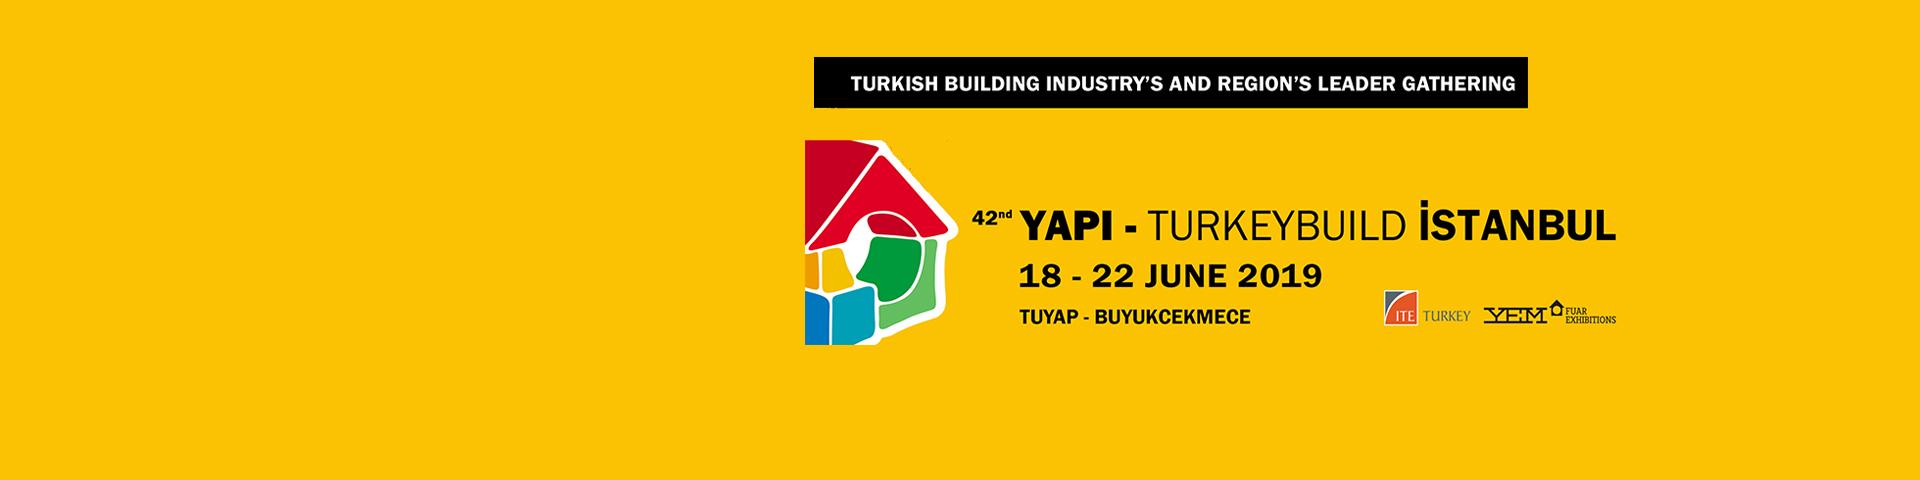 نمایشگاه بین المللی ساختمان، مصالح ساختمانی و فن آوری ترکیه، استانبول (Tuyap Fair Center)